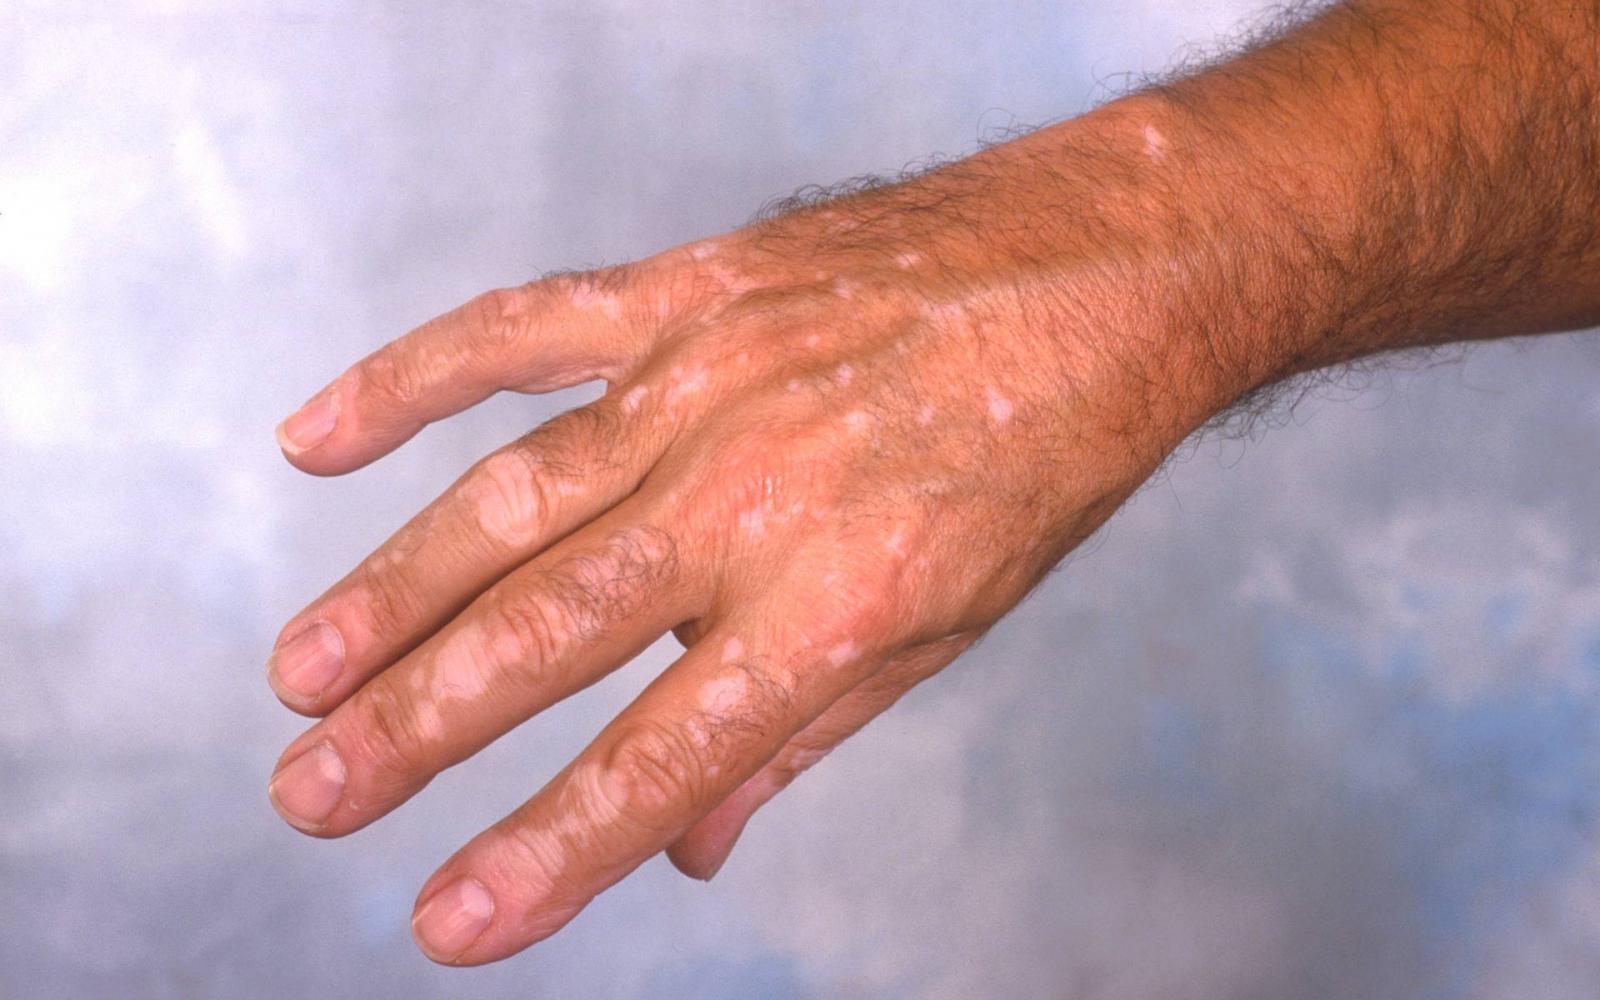 vörös folt a kezén növeli mi az)